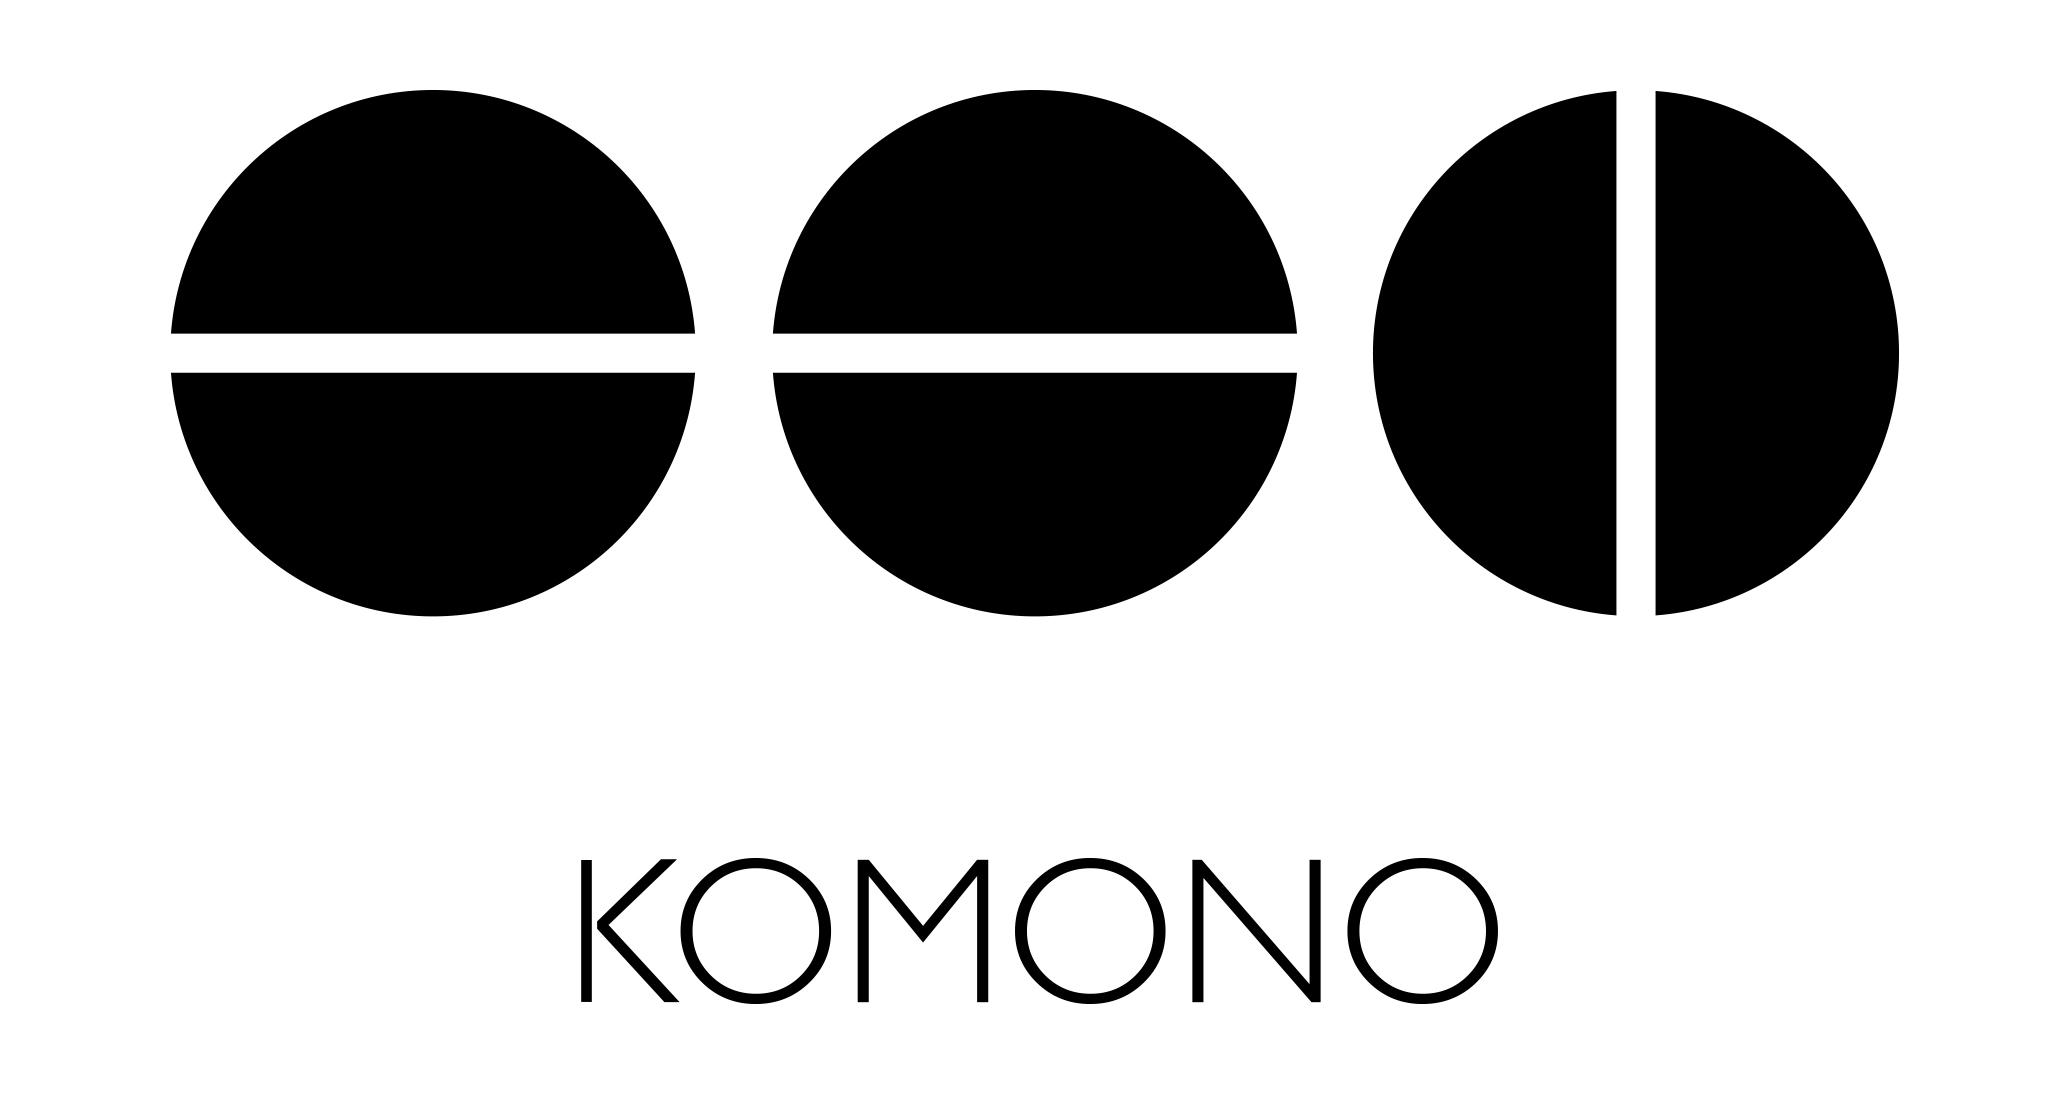 KOMONO(komono)